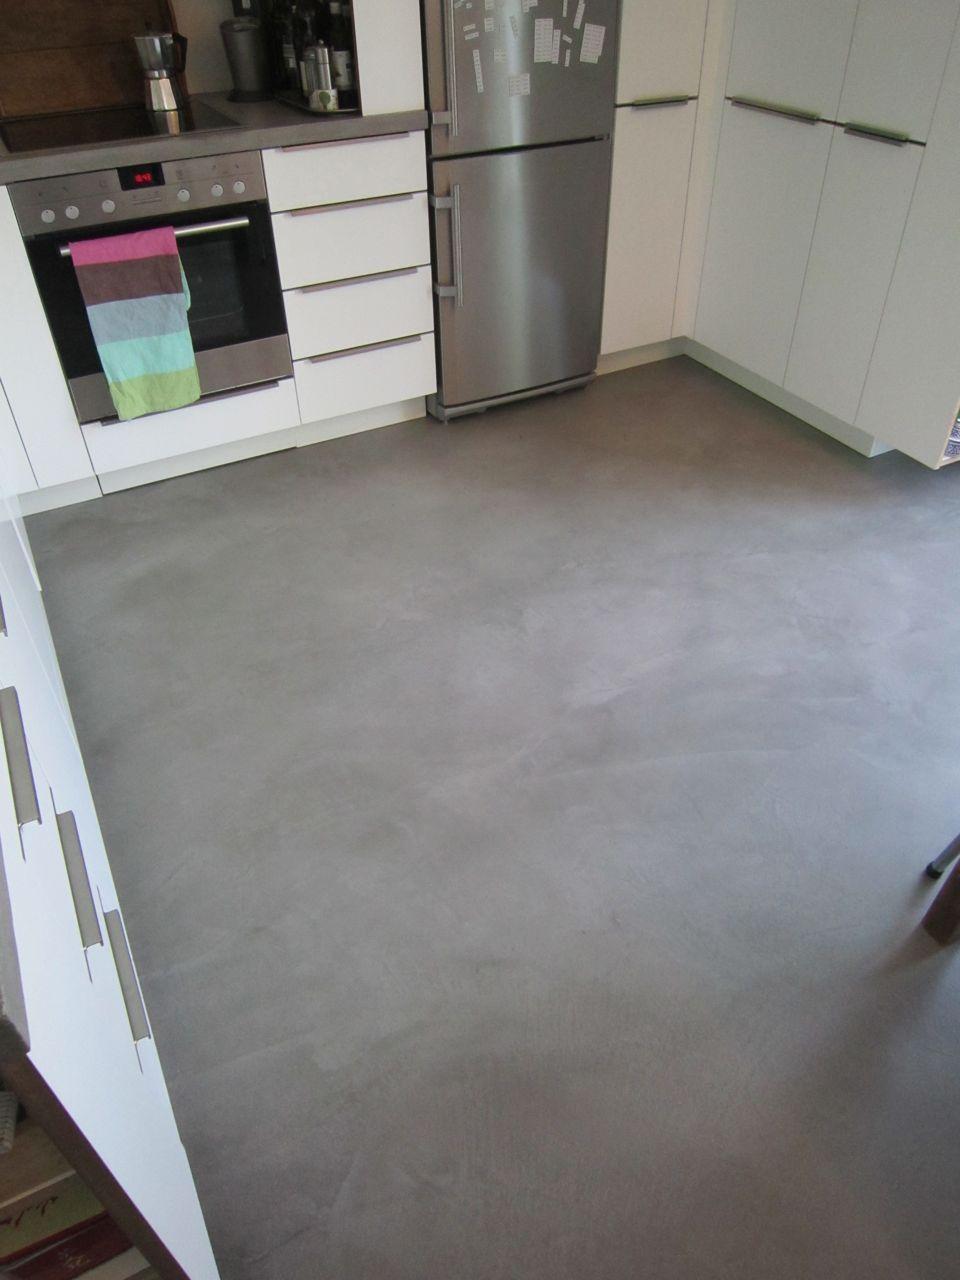 Full Size of Kchenboden Vinylboden Im Bad Badezimmer Vinyl Küche Fürs Verlegen Wohnzimmer Wohnzimmer Küchenboden Vinyl